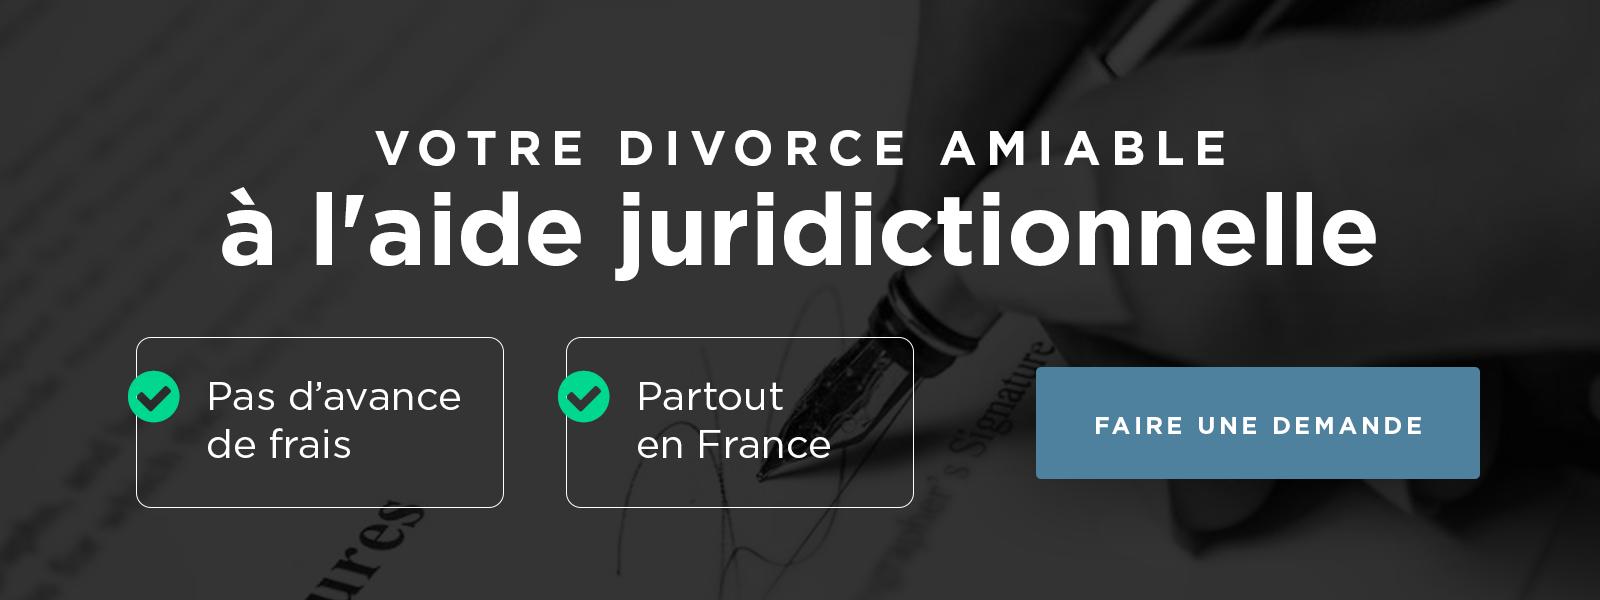 Le Divorce Amiable en France en 2018, à l'Aide Juridictionnelle ou grâce à votre Assurance Divorce